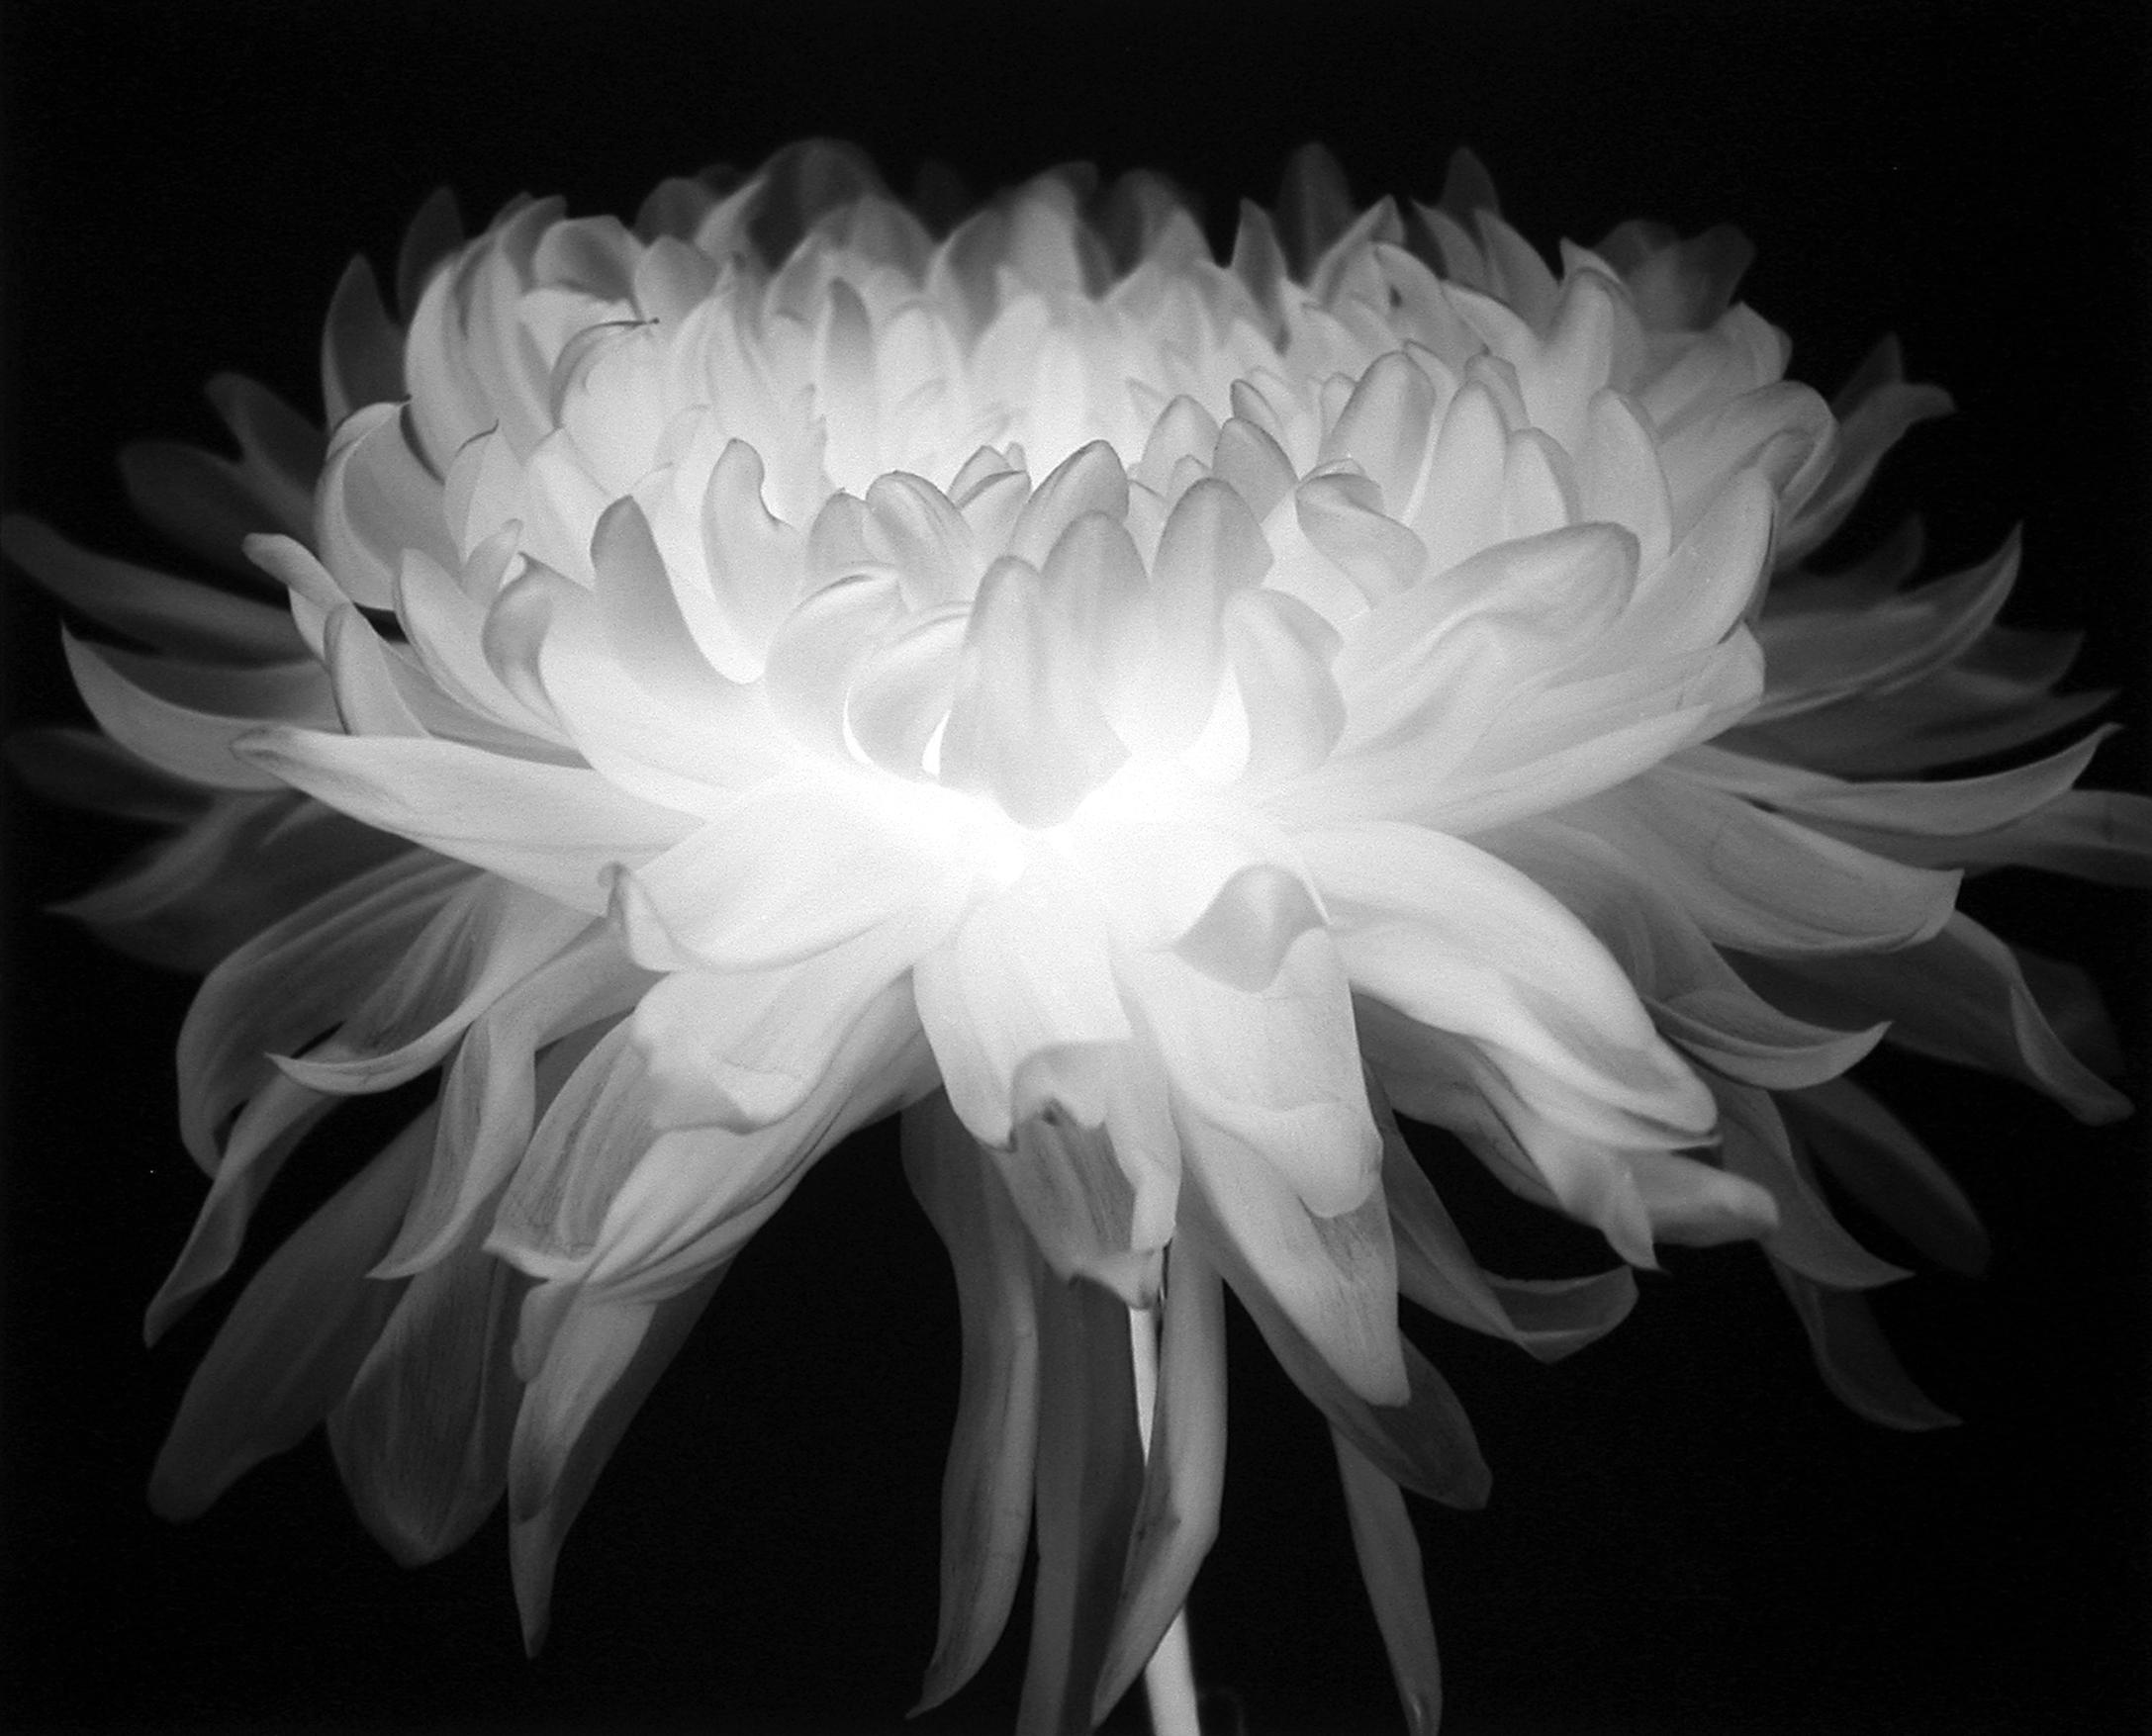 Flower (Number 80), 1997